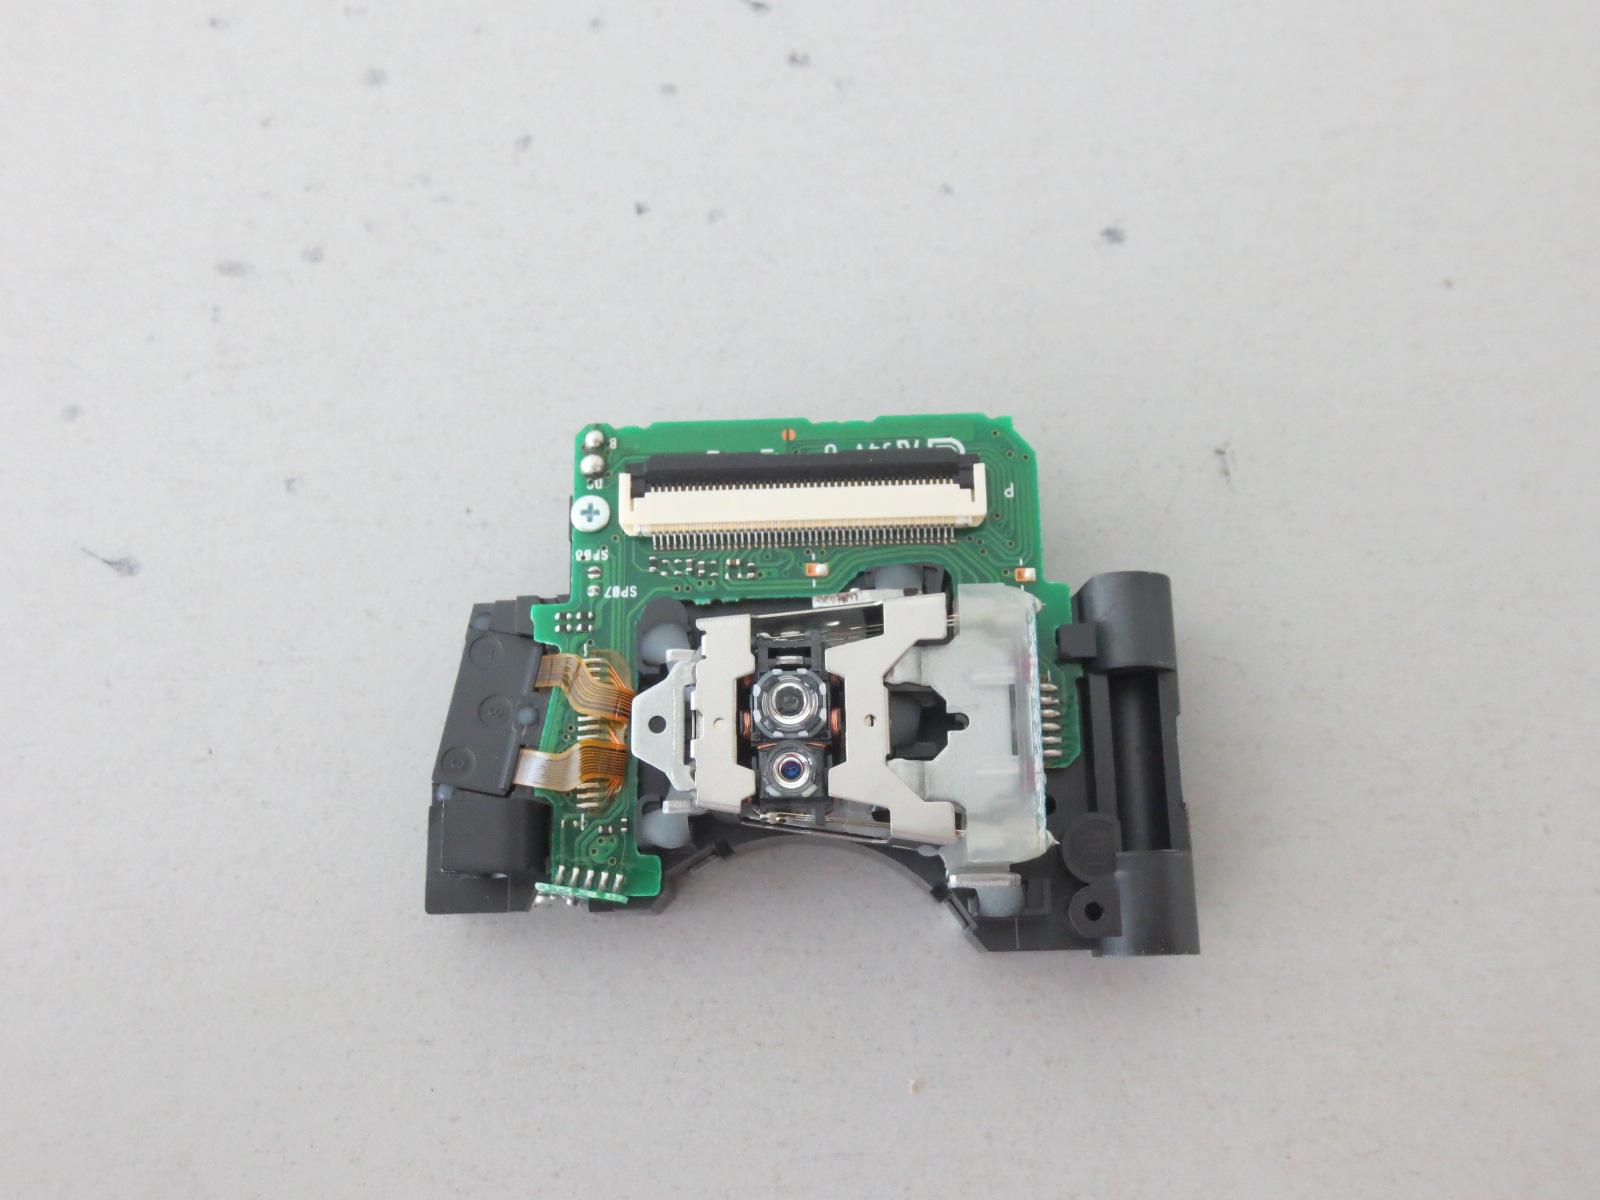 Лазерная головка Полностью импортирован новый Pioneer Blu-ray машина 440 bdp4110 SF-bd414 Лазерная головка